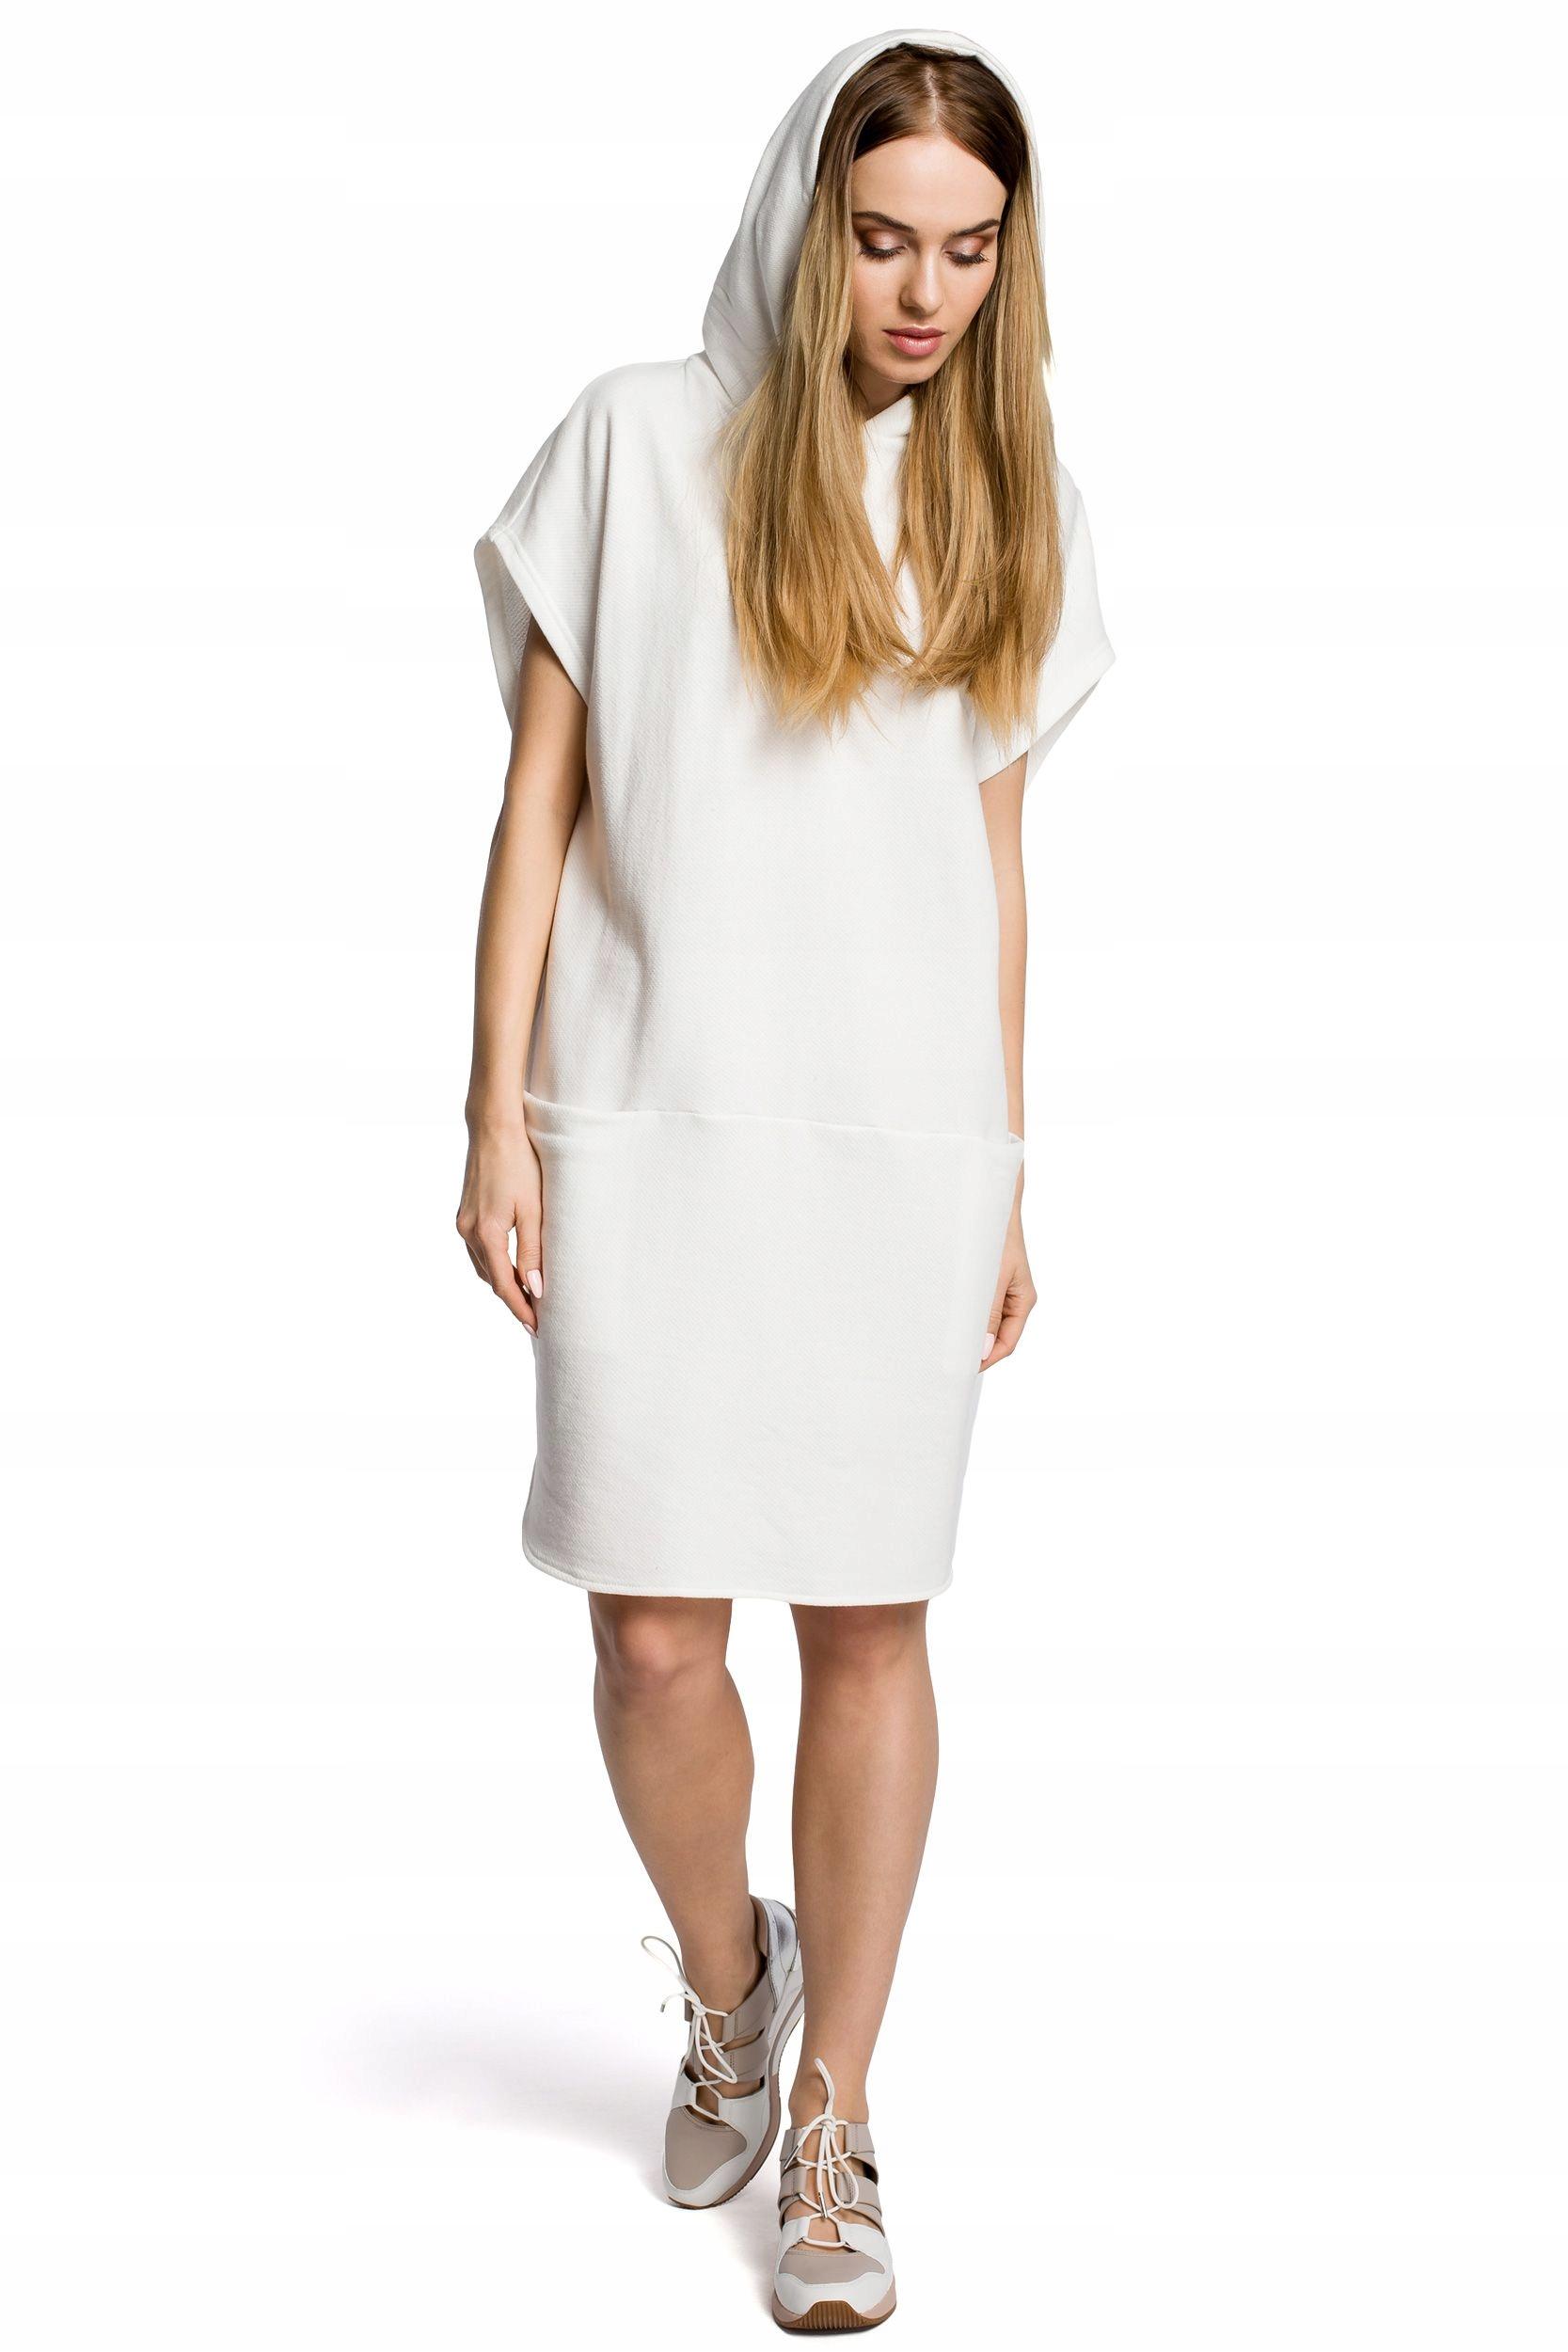 M368 Sukienka z kapturem i kieszeniami - ecru XXL/